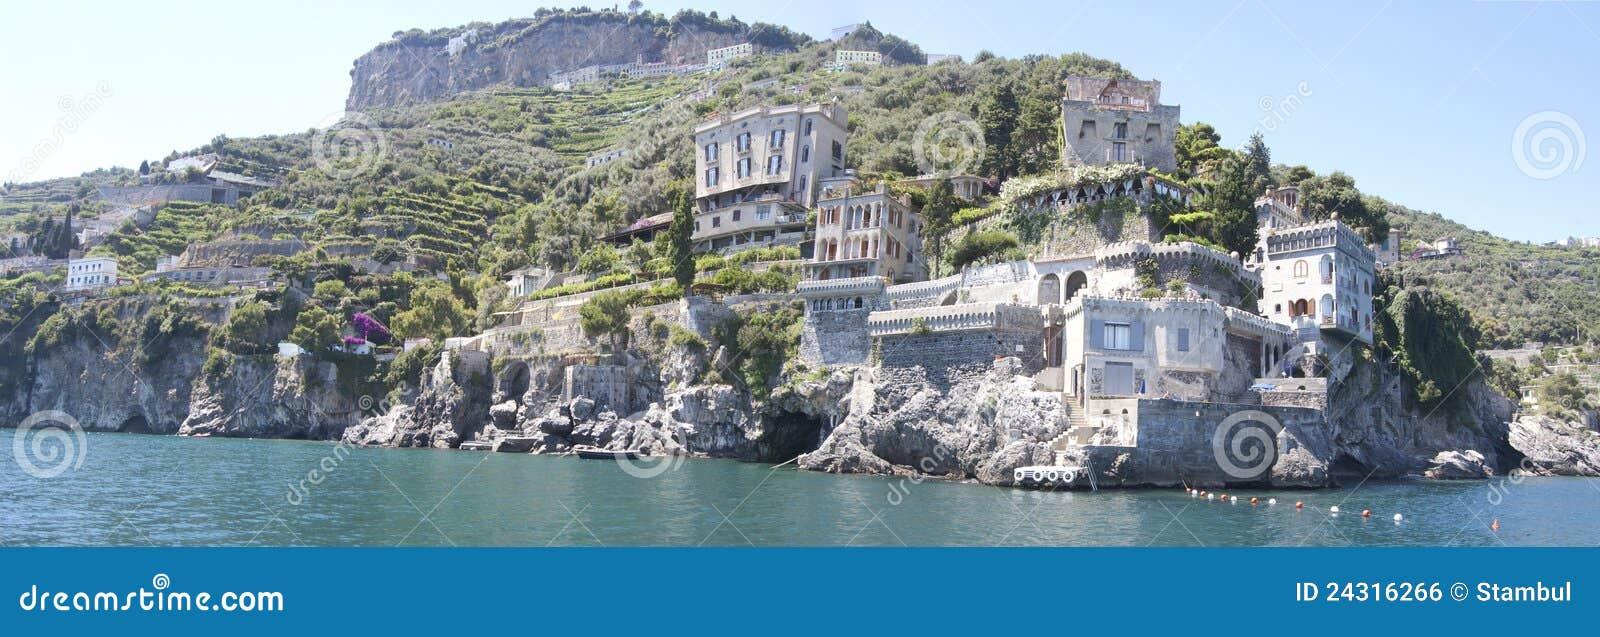 Costa de Amalfi, Italy